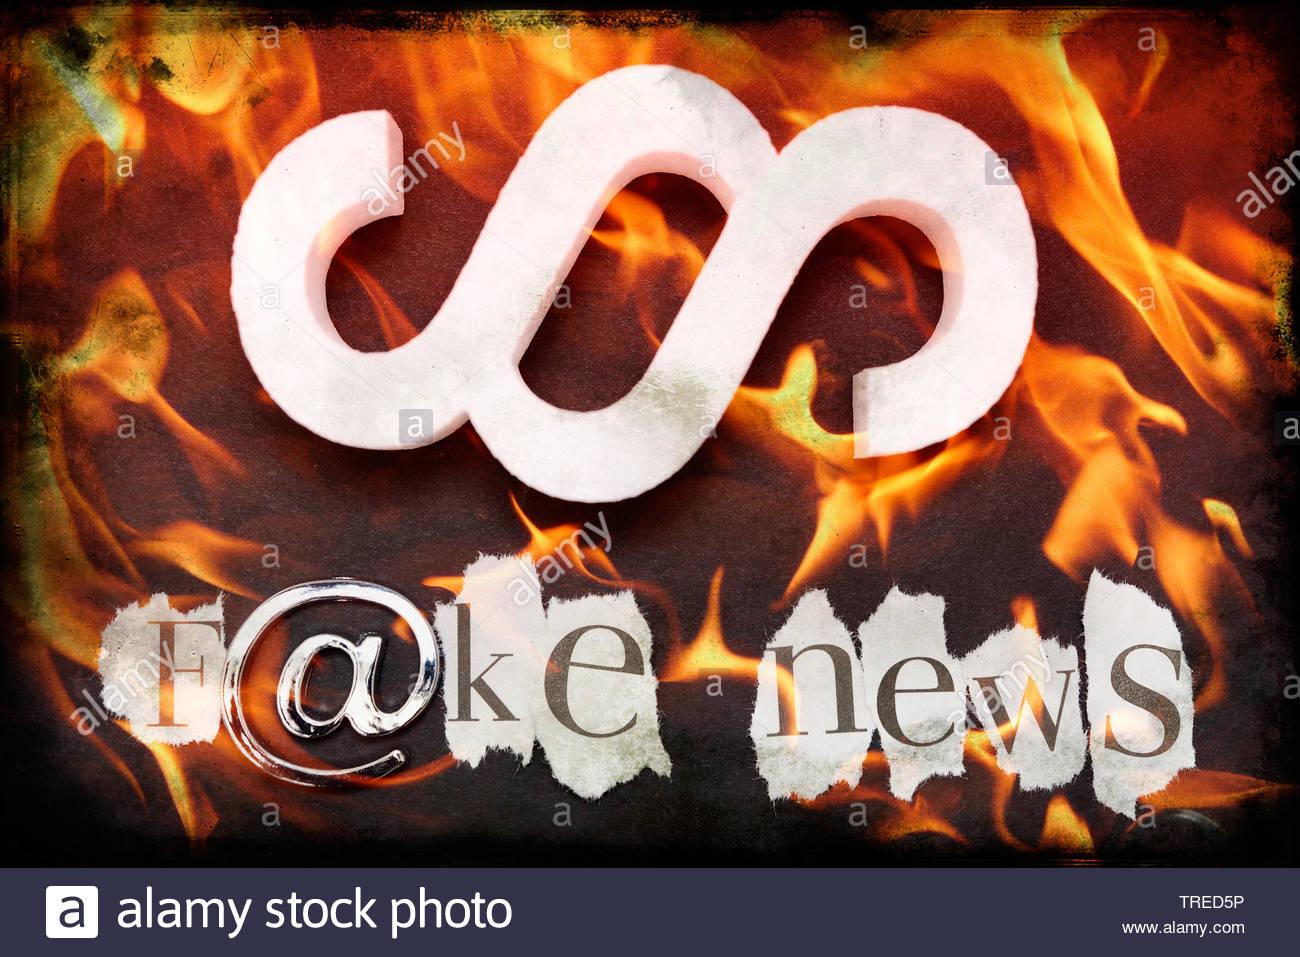 Aufschrift F@KE NEWS (Falschnachrichten) und ein Paragraphenzeichen vor rotem Hintergrund mit Flammen | Lettering F@KE NEWS and a law paragraph mark - Stock Image